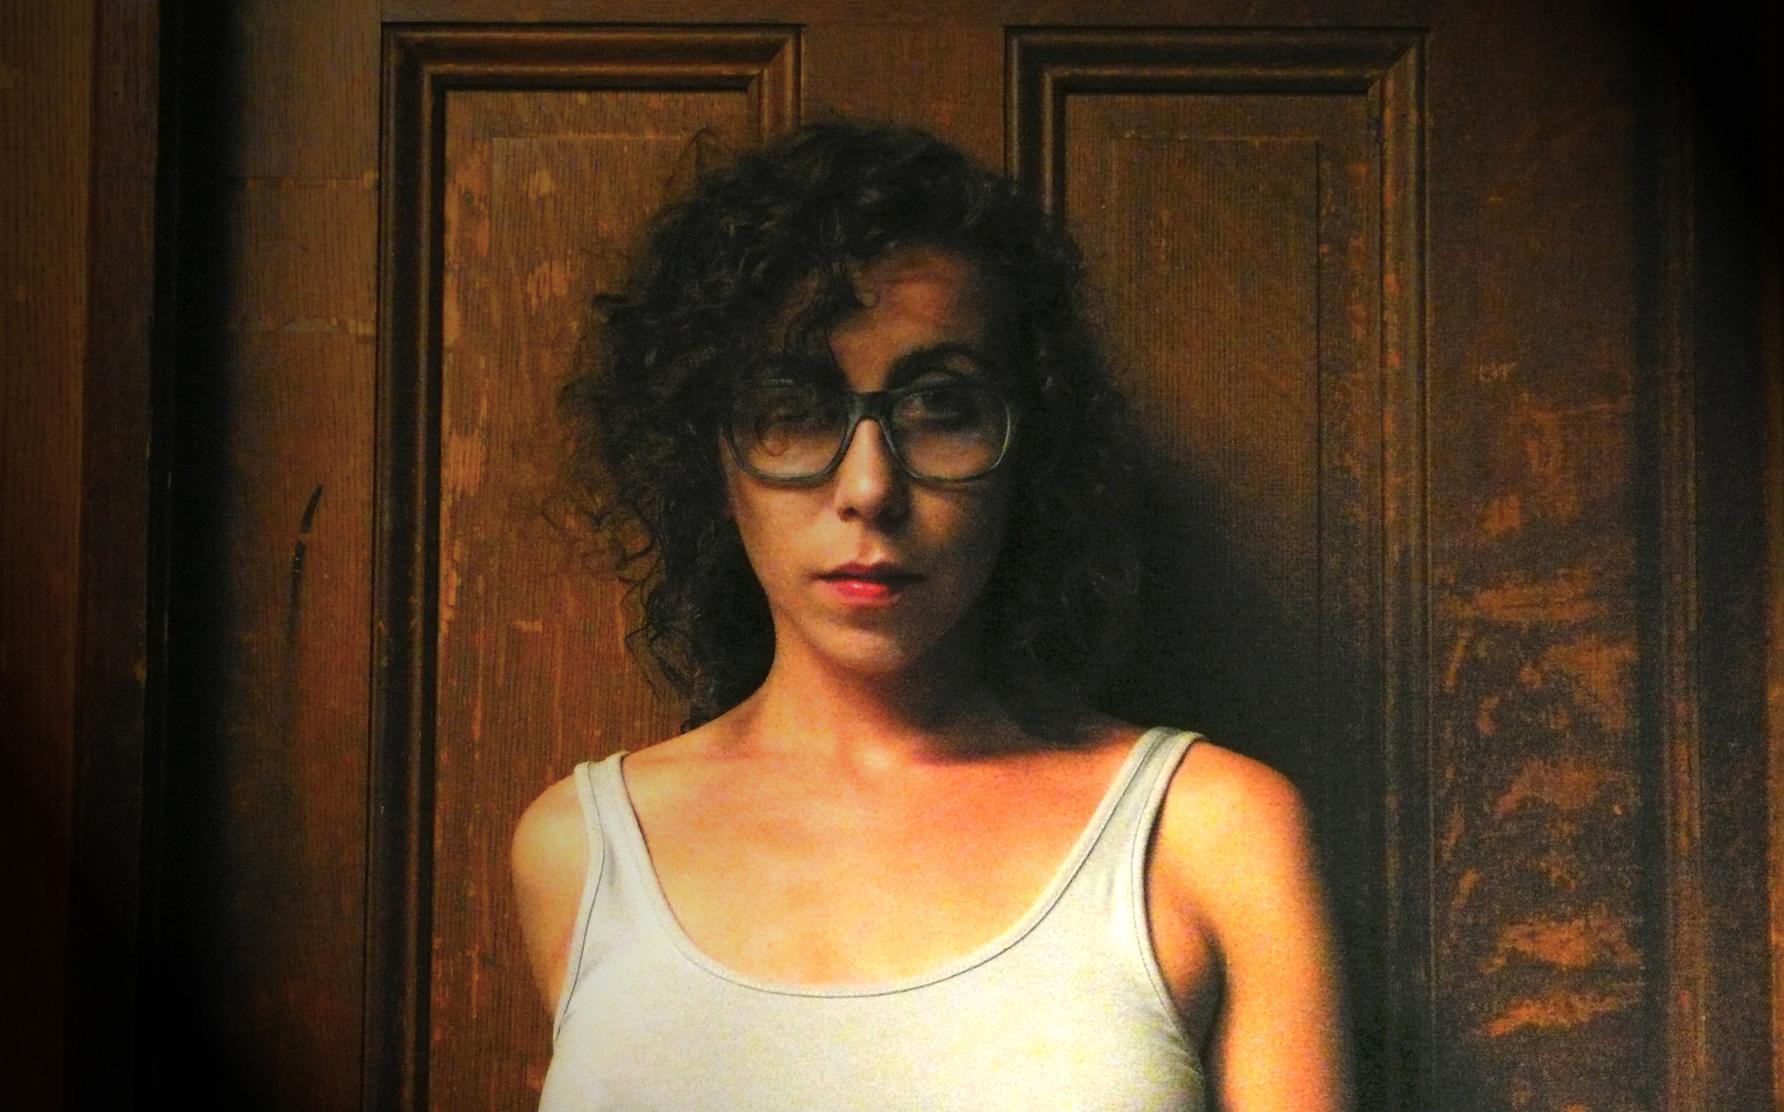 Coeur de Lion author Ariana Reines.